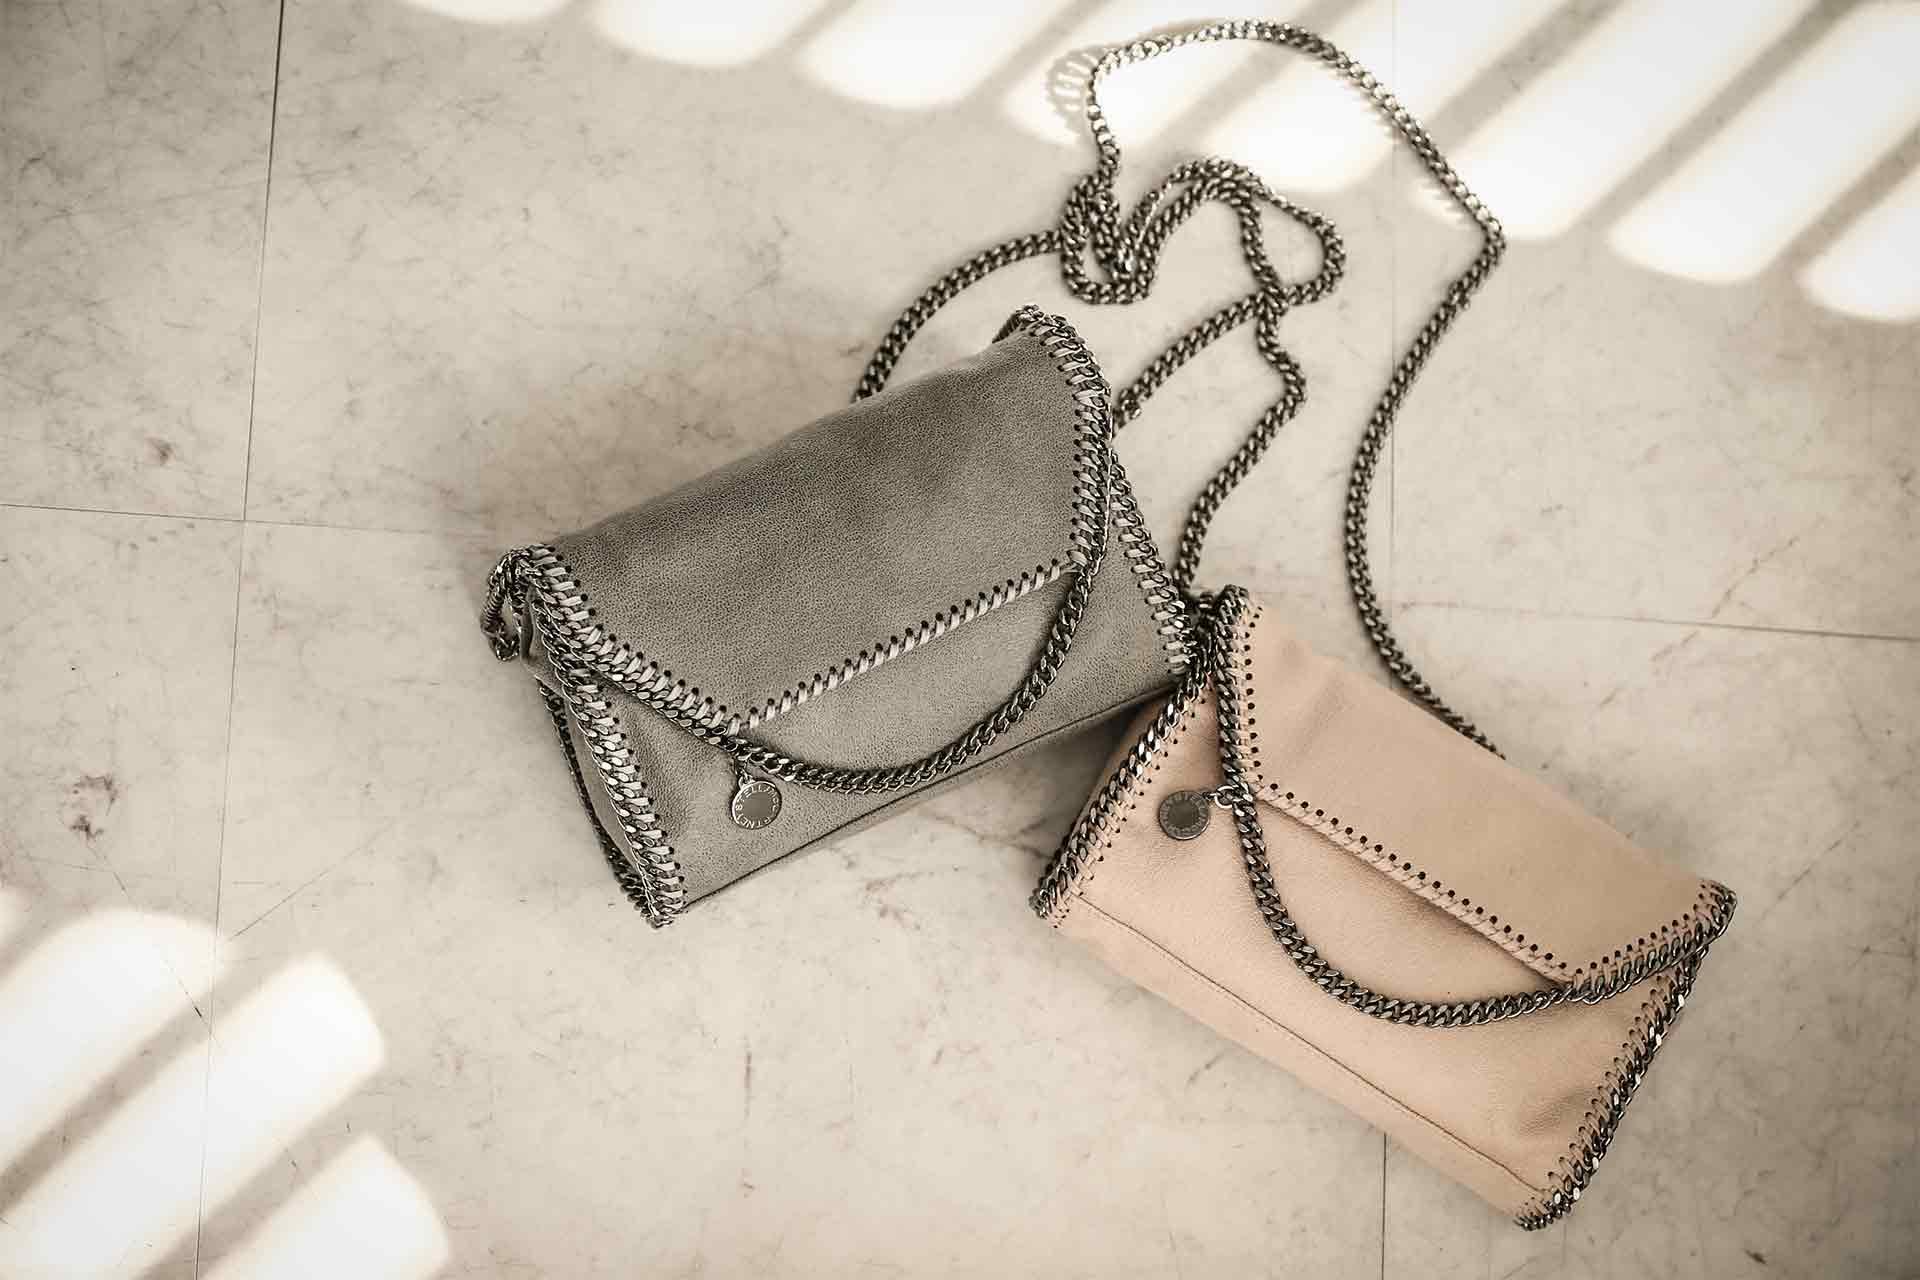 インスタグラム用、バッグ&小物商品撮影の写真です。クライアントはAMAZING CIRCUSです。(8n-111)